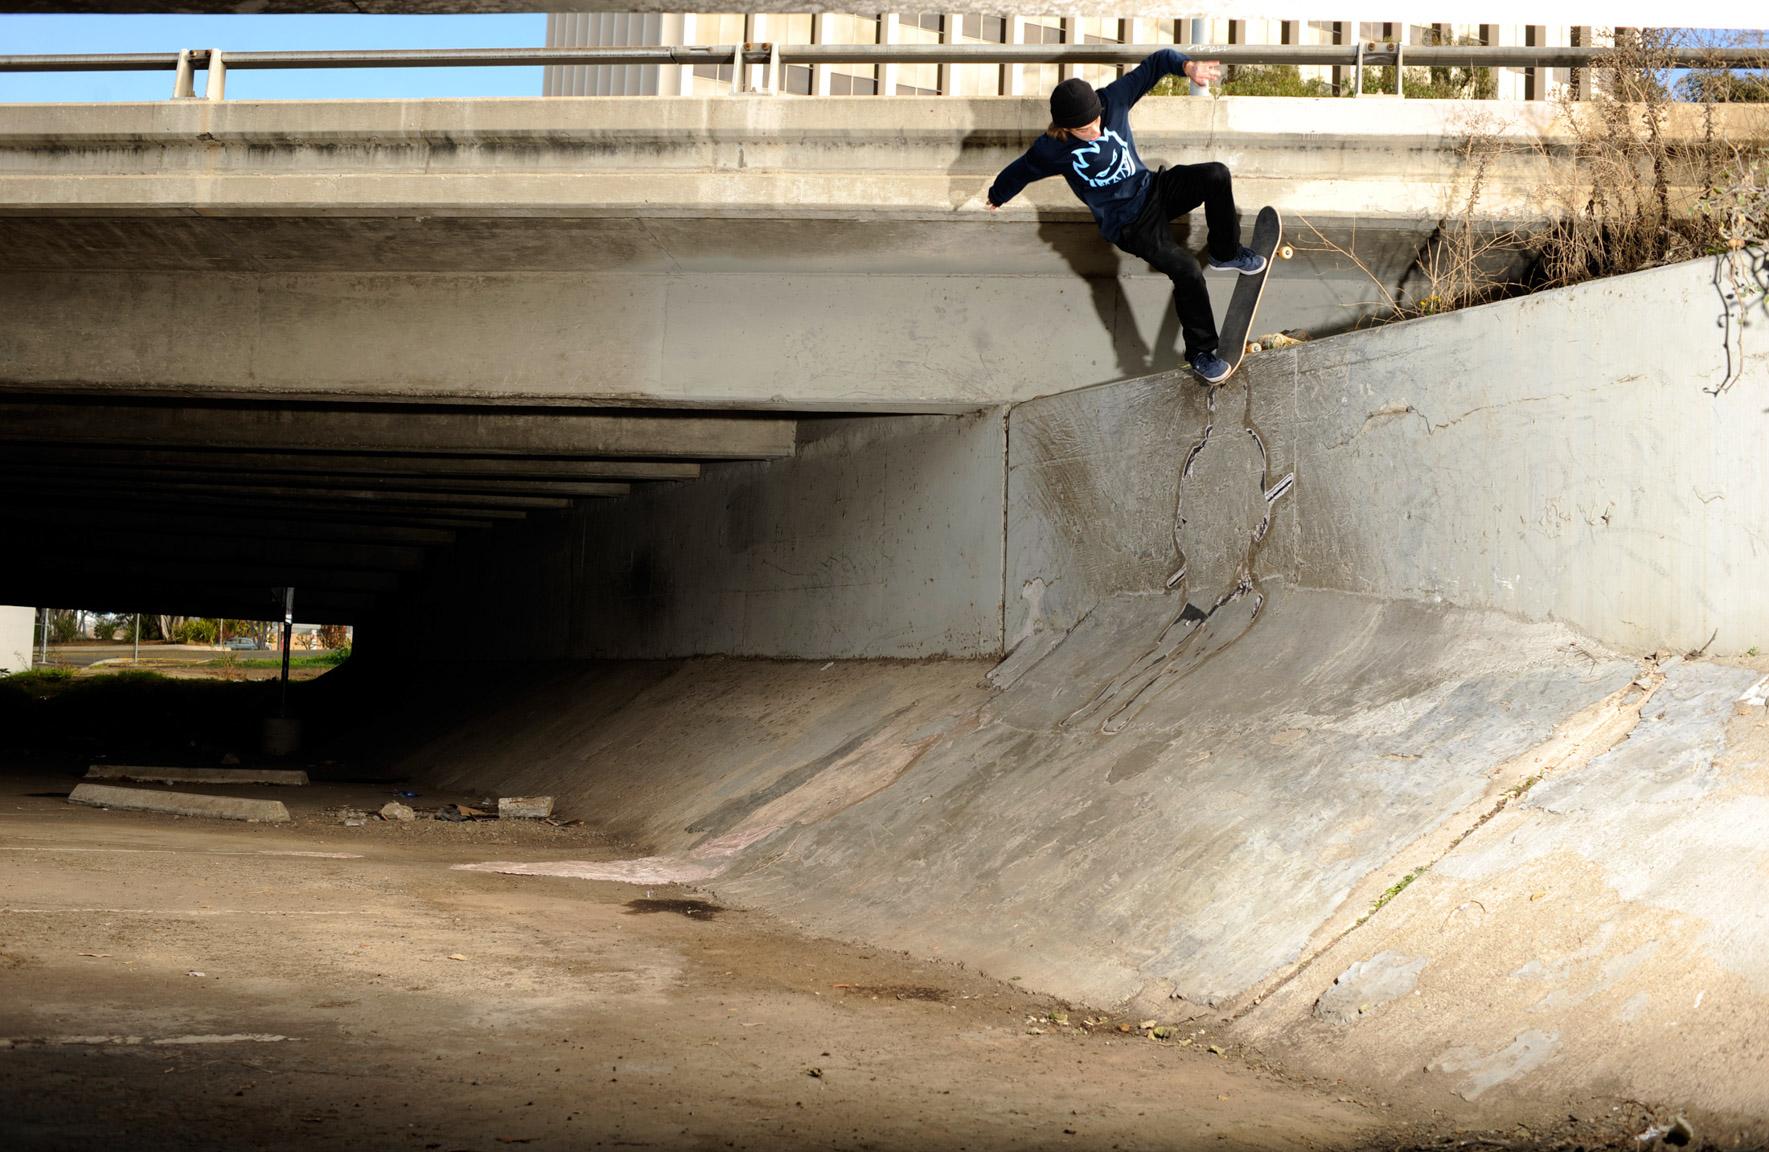 Chase Webb, San Diego, California